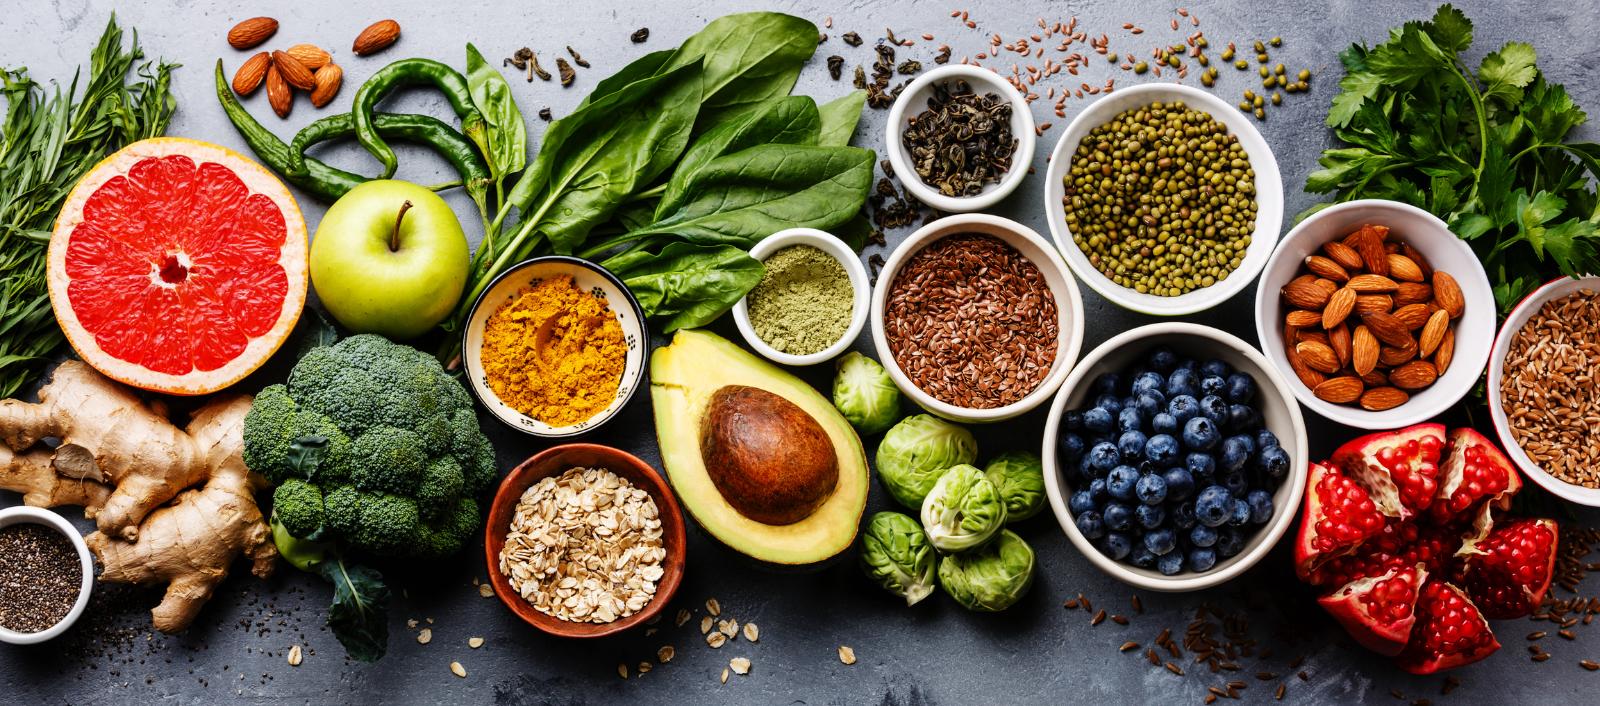 Owoce i warzywa w trosce o naturalną odporność organizmu